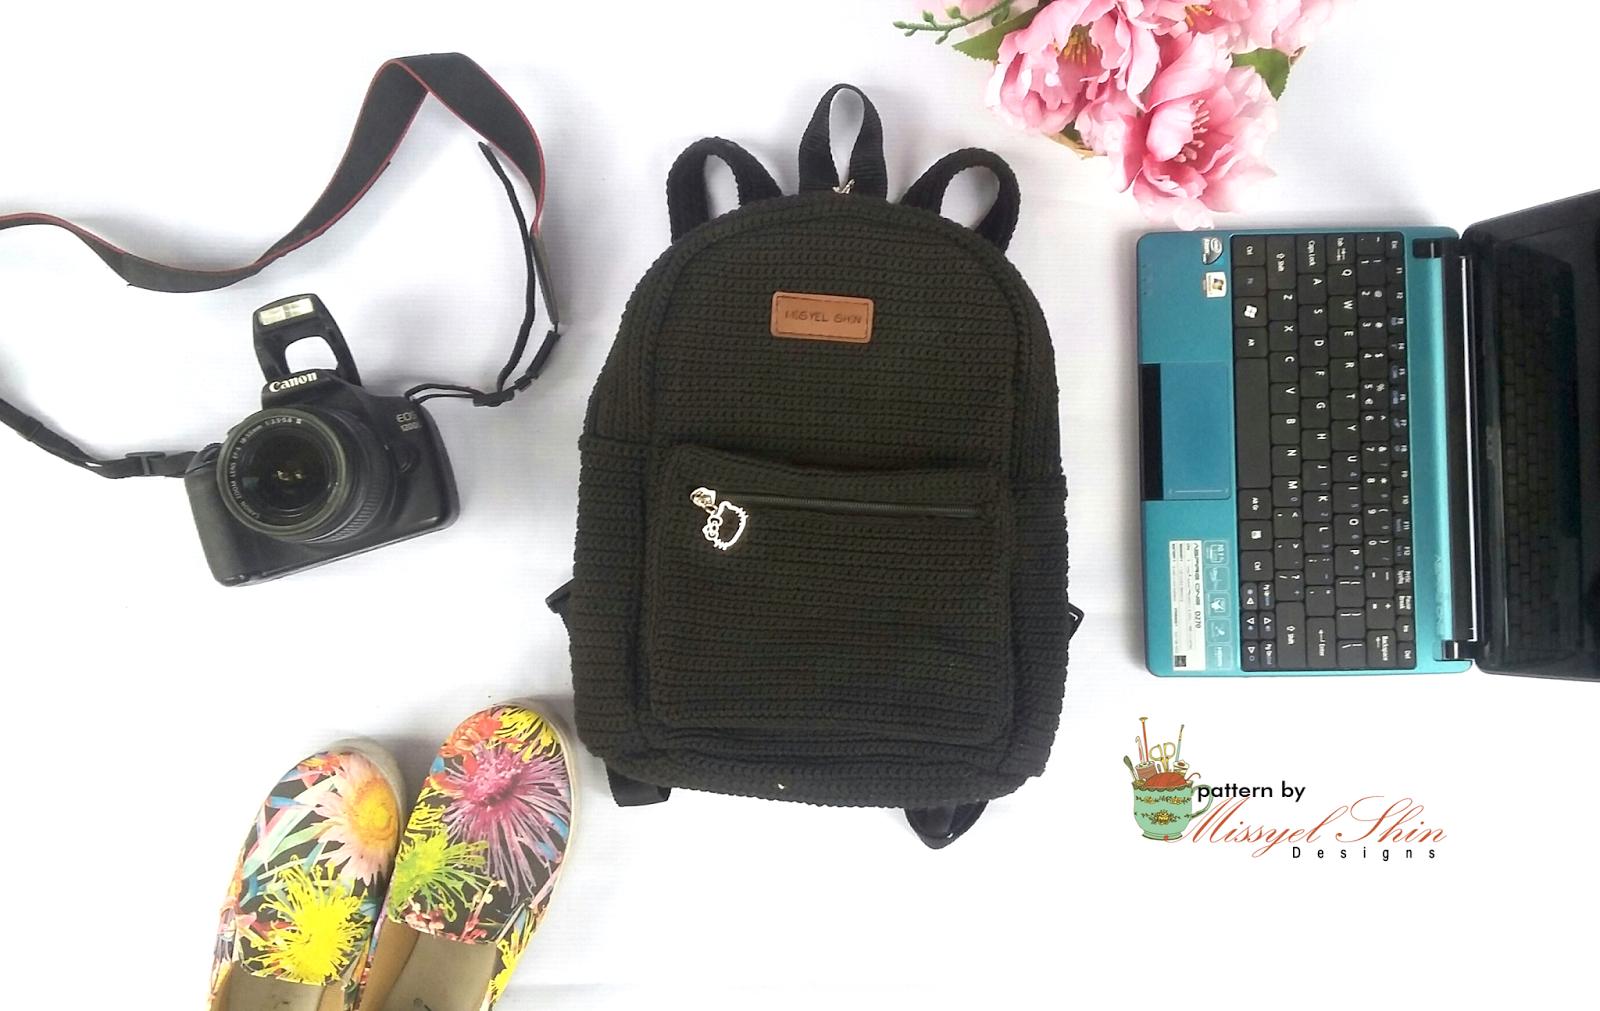 Tas Punggung Rajut Backpack Ransel Misyel Shin Wanita Backpak 3 In 1 Berukuran Sedang 30cm X 20cm 12cm Berbahan Benang Nilon Tali Bisa Di Panjang Pendekan Terdapat Kantong Didalamnya